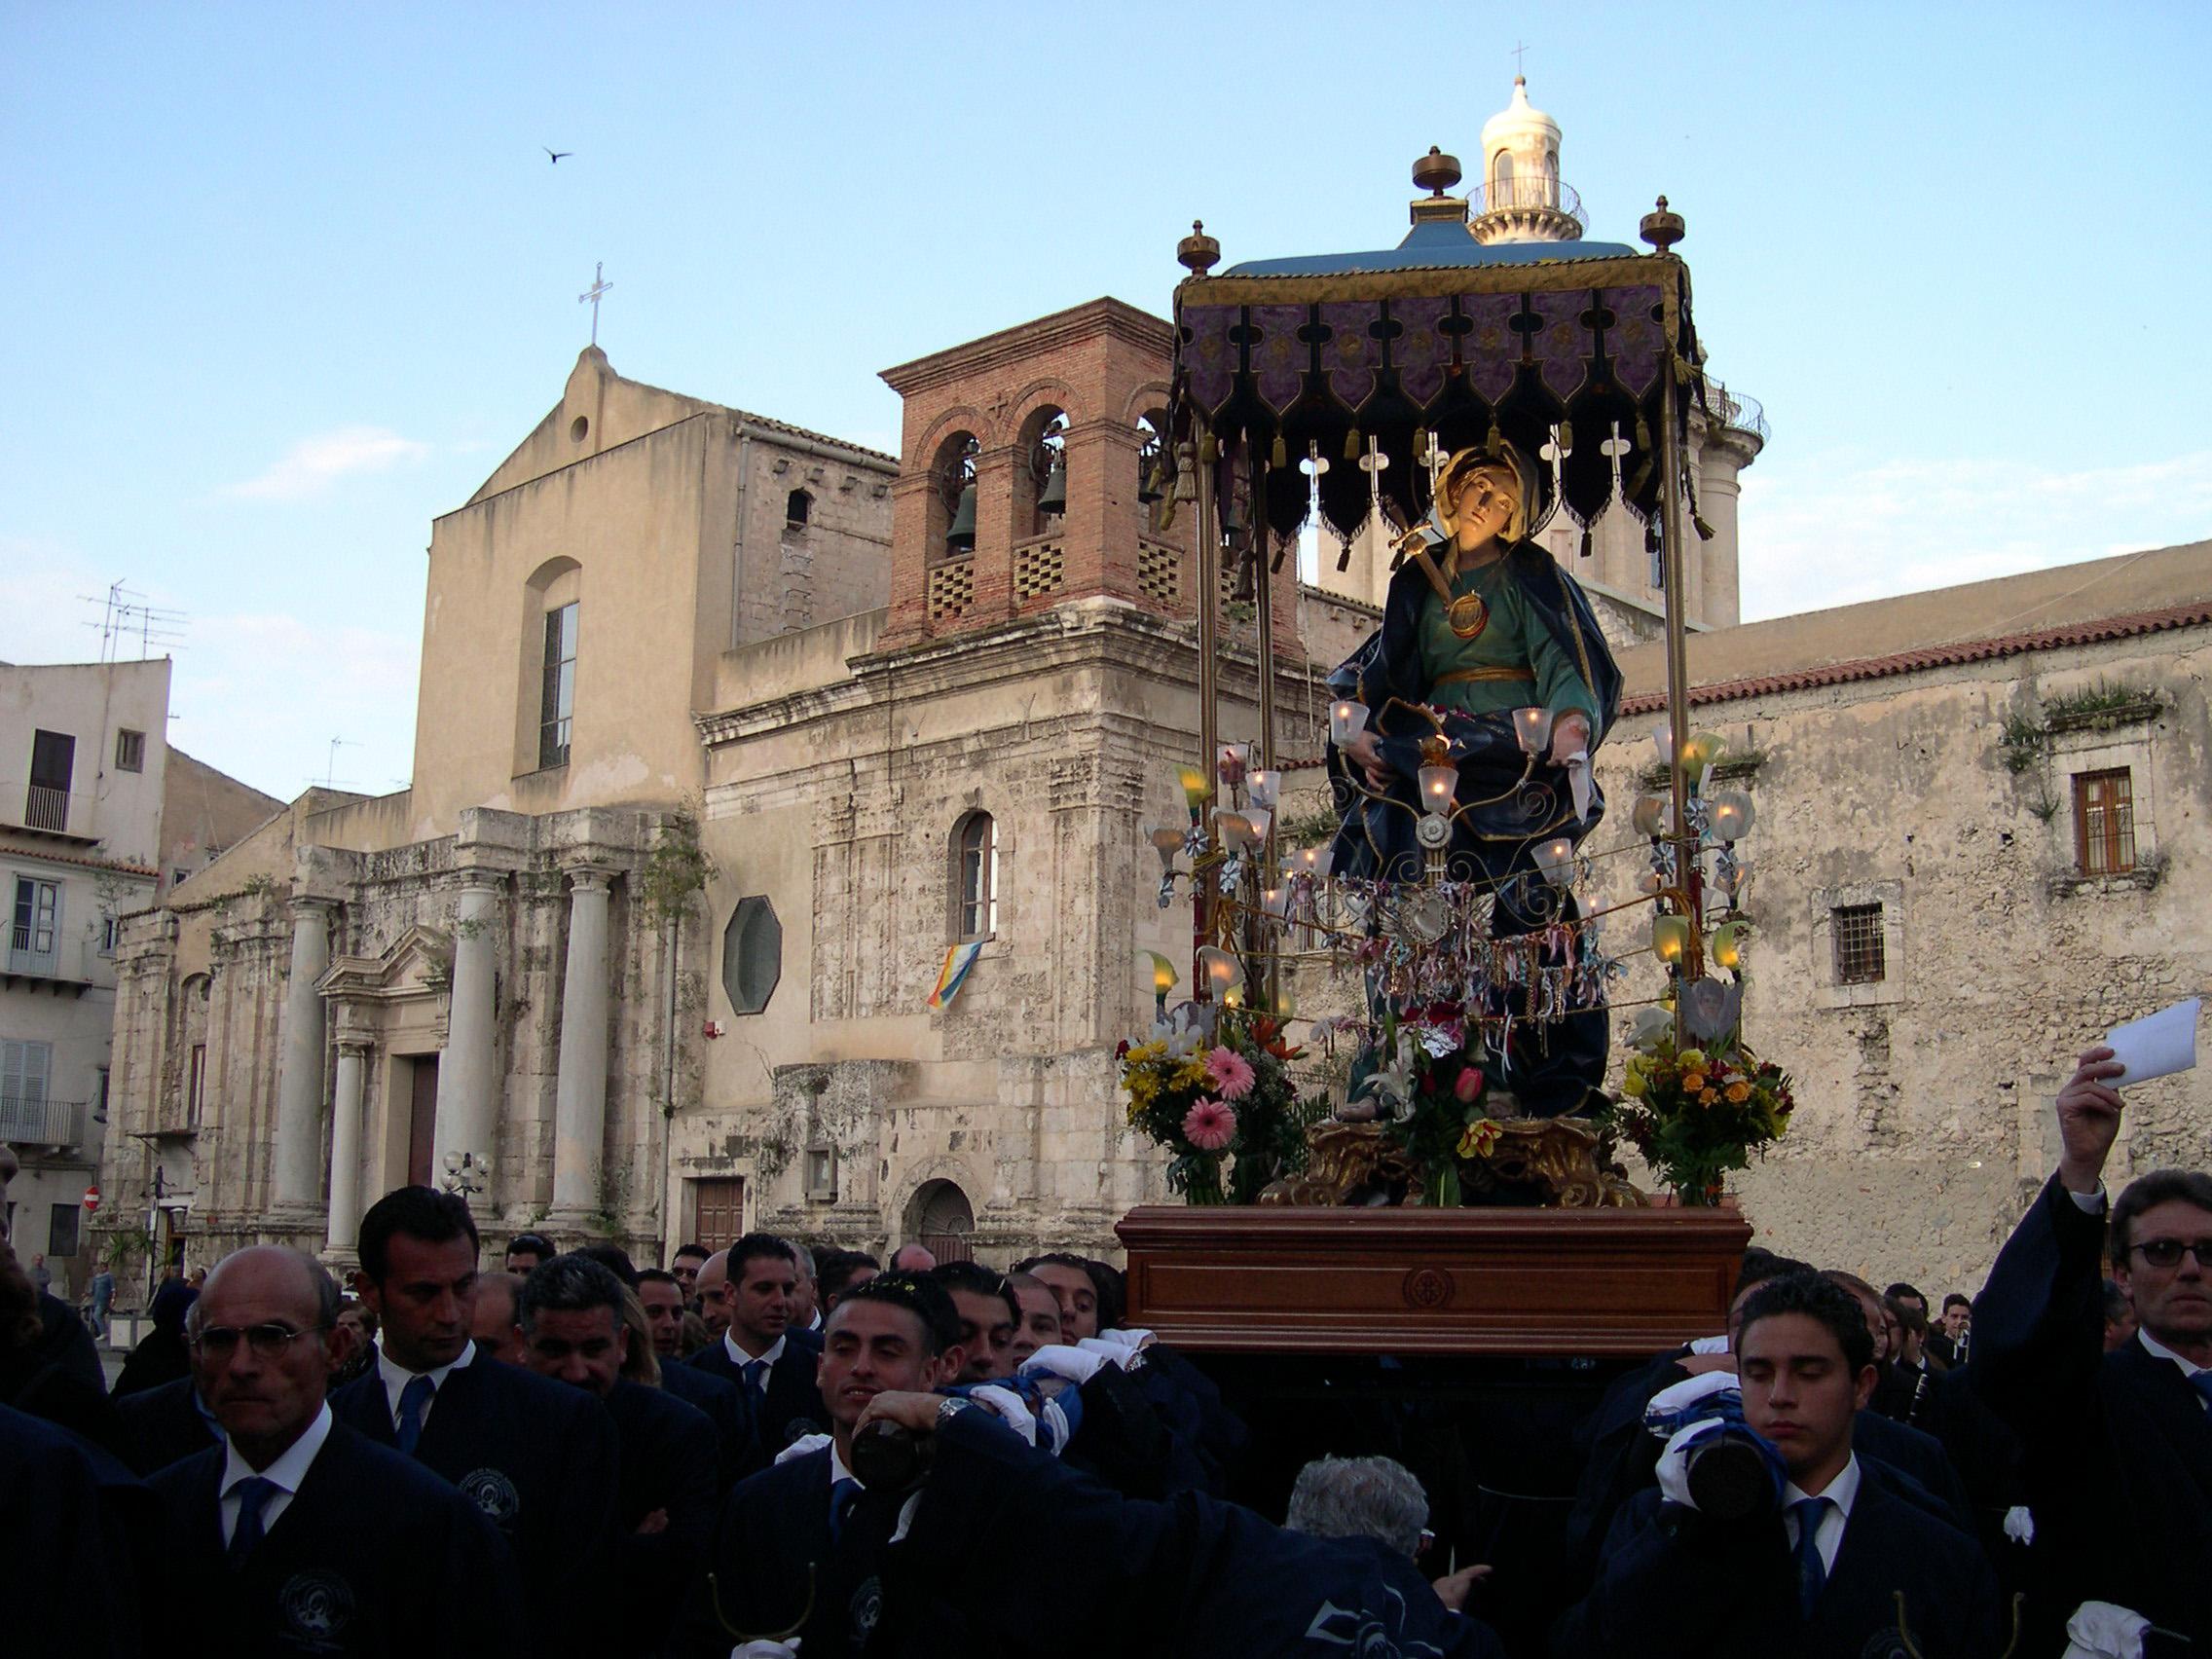 Madonna Addolorata di Sant'Agostino